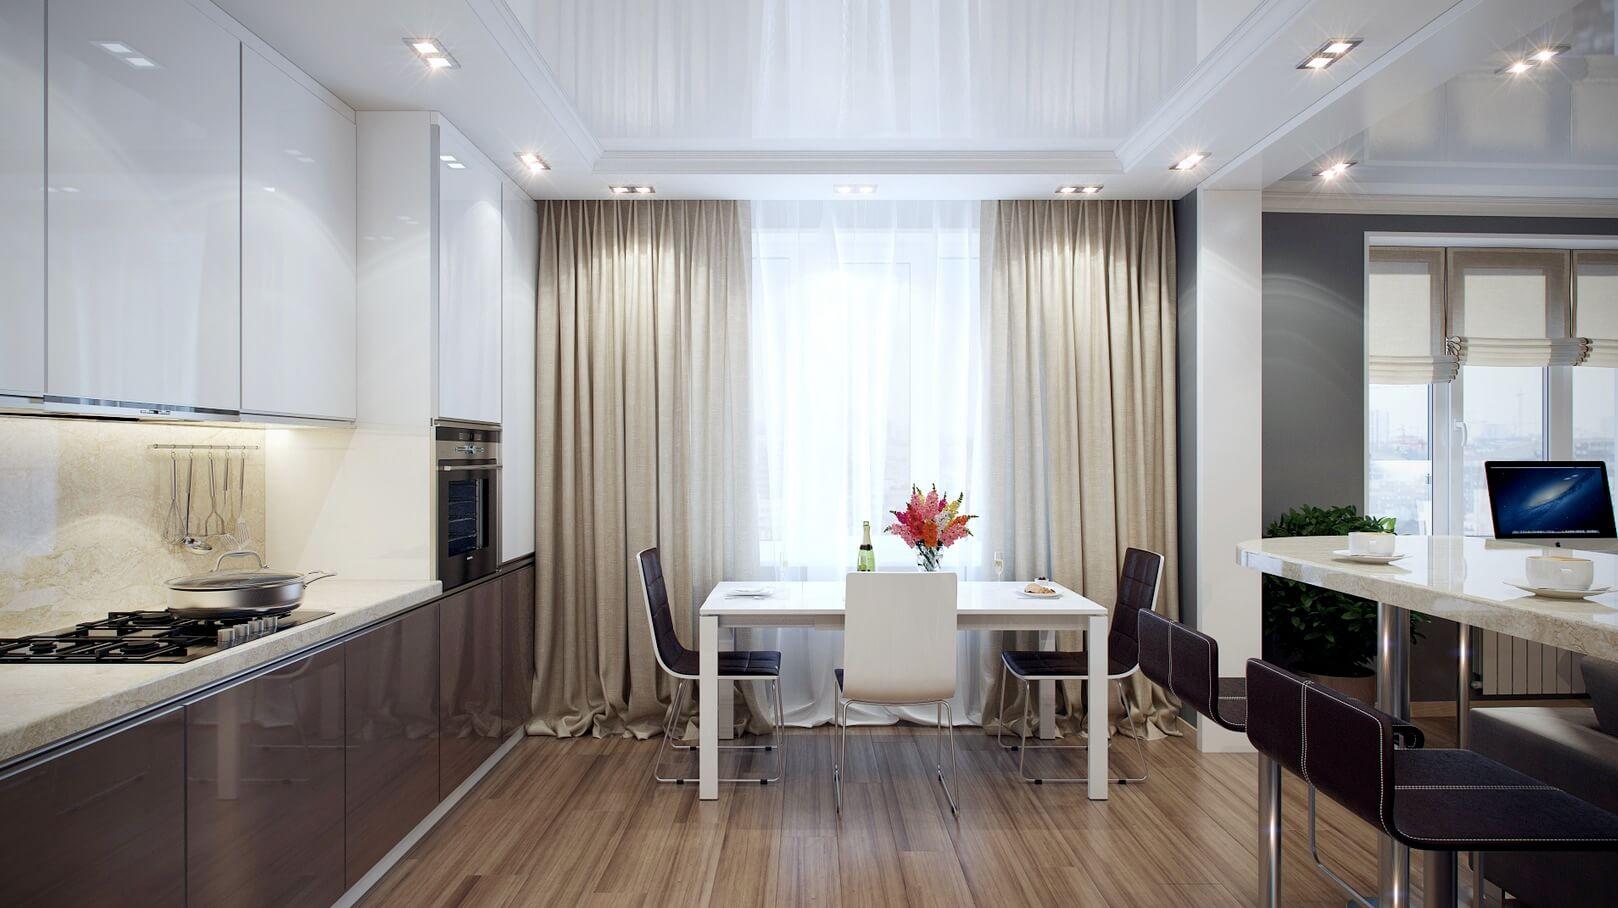 длинные шторы в интерьере кухни